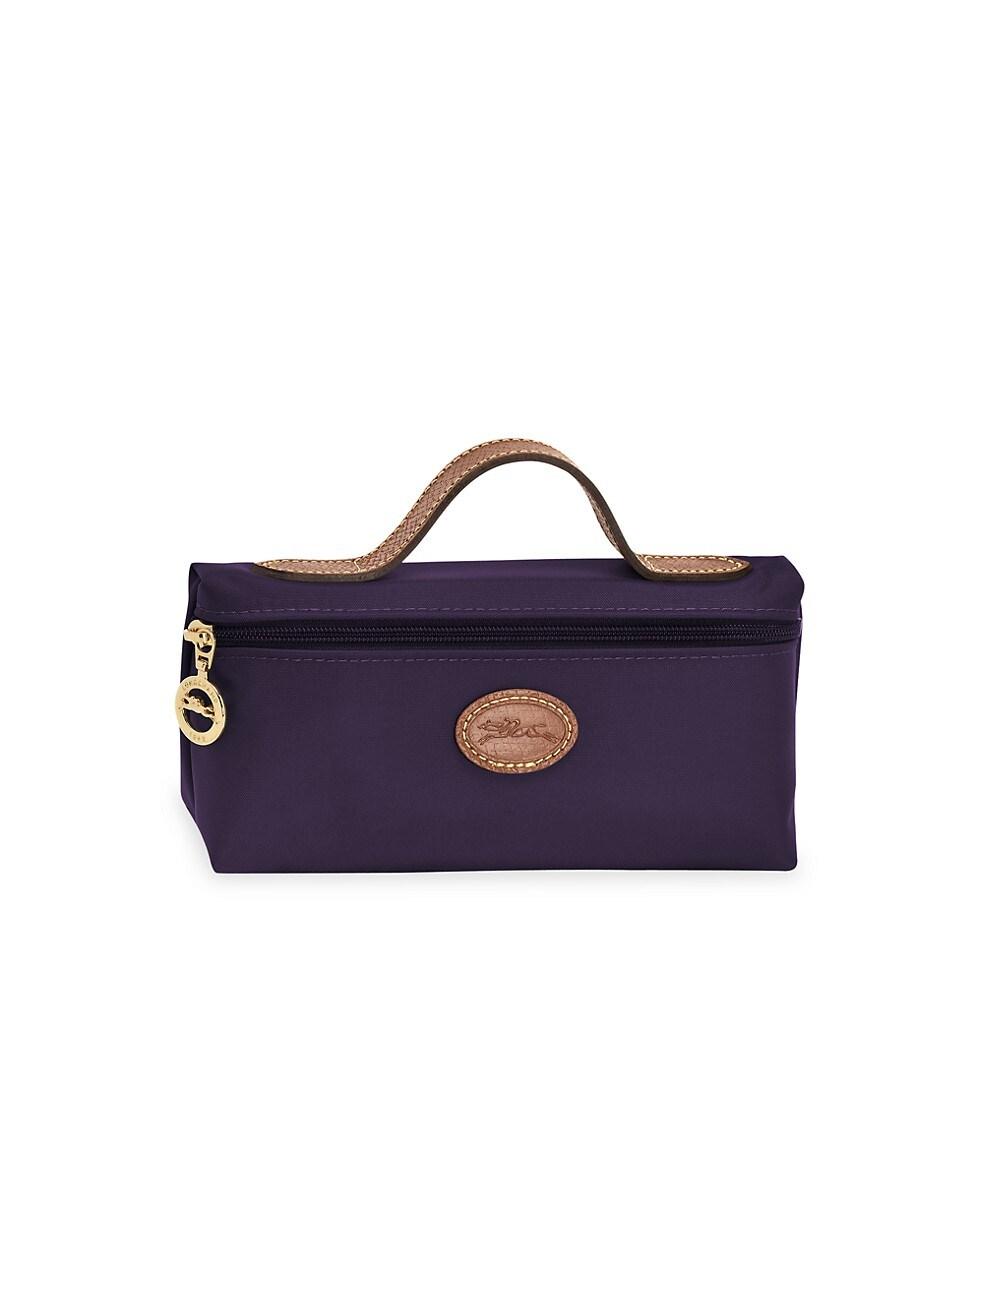 롱샴 파우치 Longchamp Le Pliage Cosmetic Case,BILBERRY